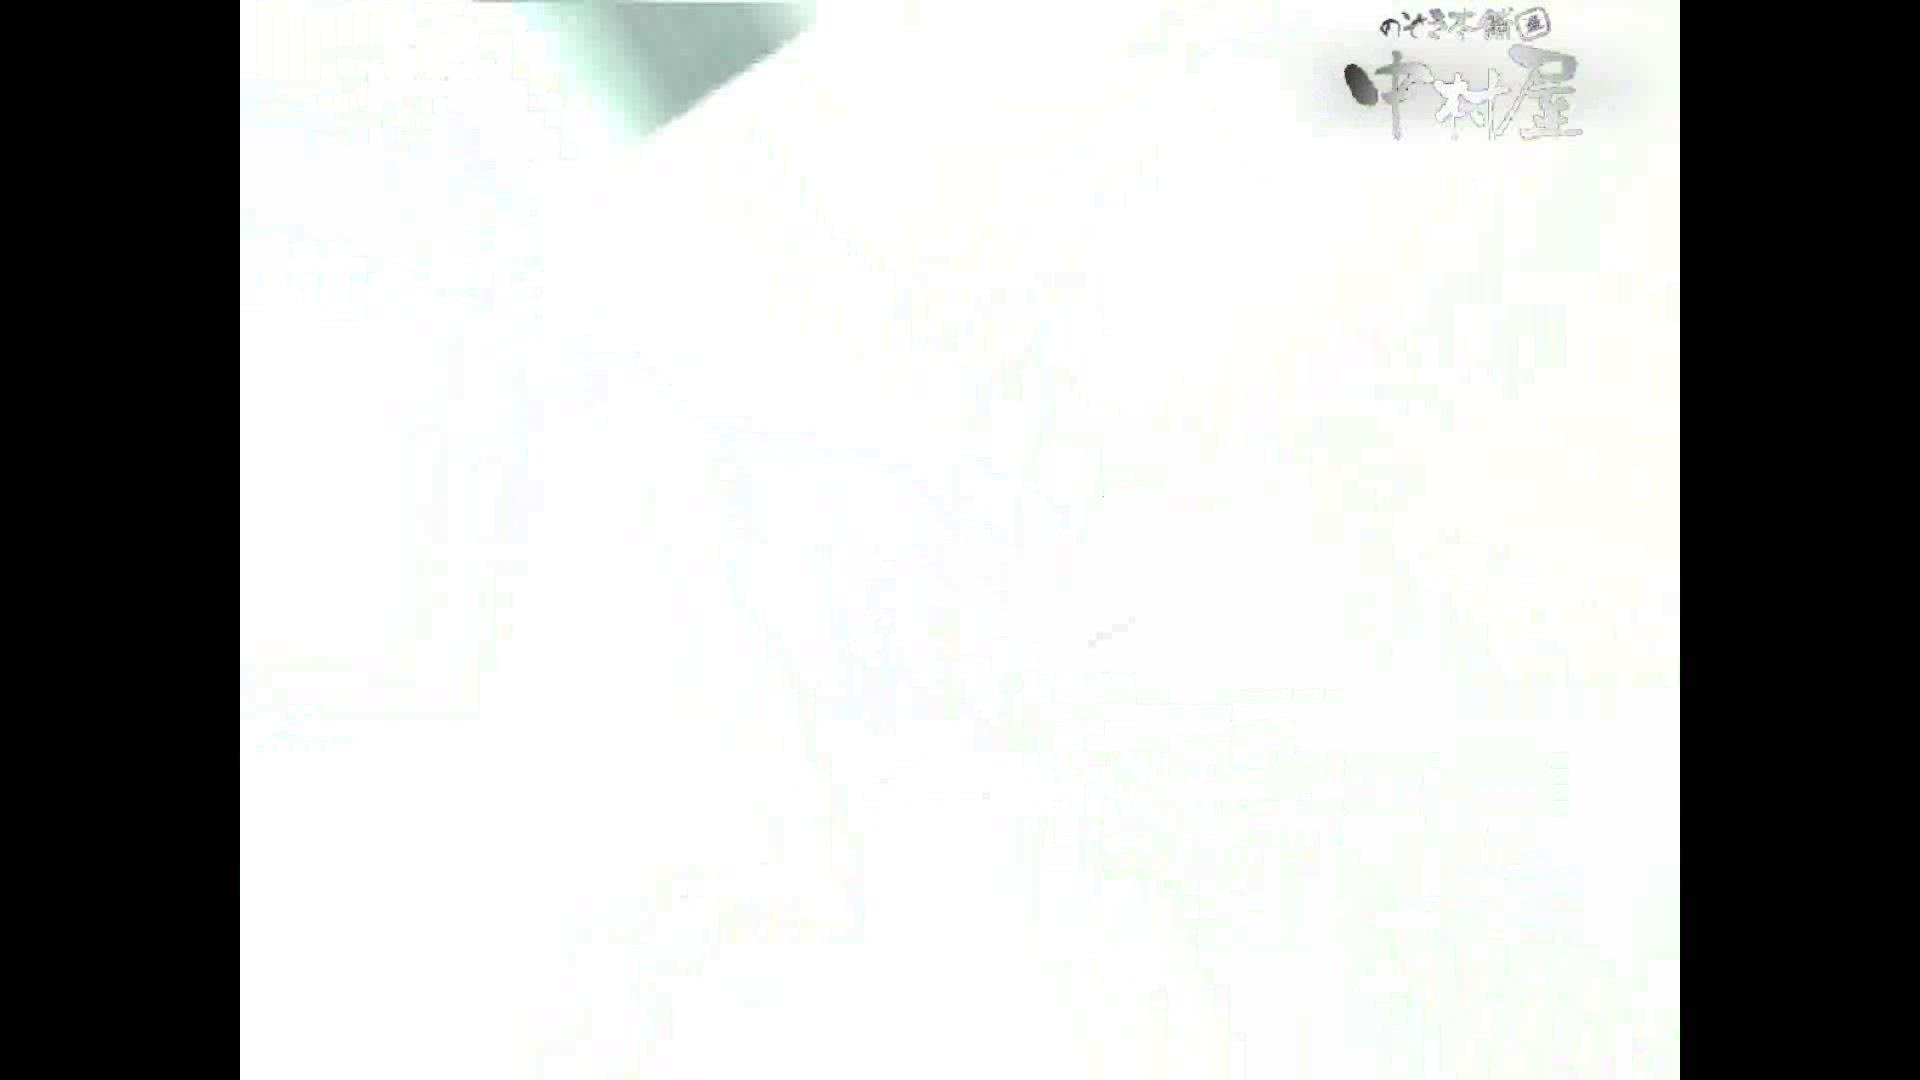 岩手県在住盗撮師盗撮記録vol.44 接写 えろ無修正画像 109連発 39